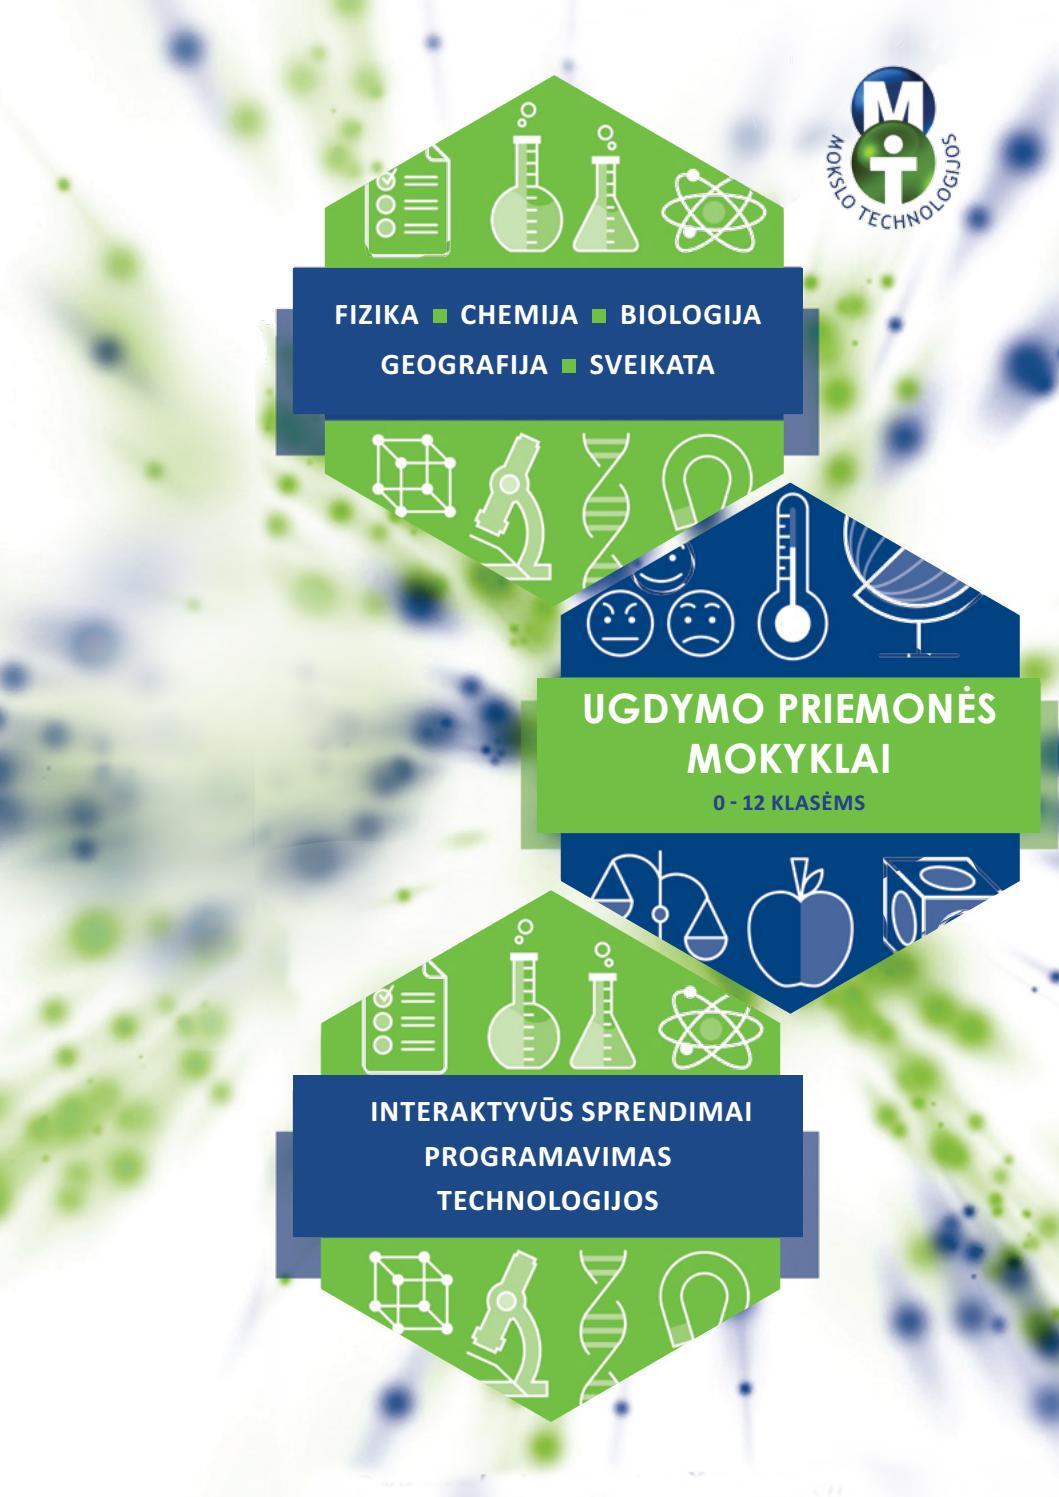 dirbti iš serio namų turine knygos apie kiekybines prekybos strategijas